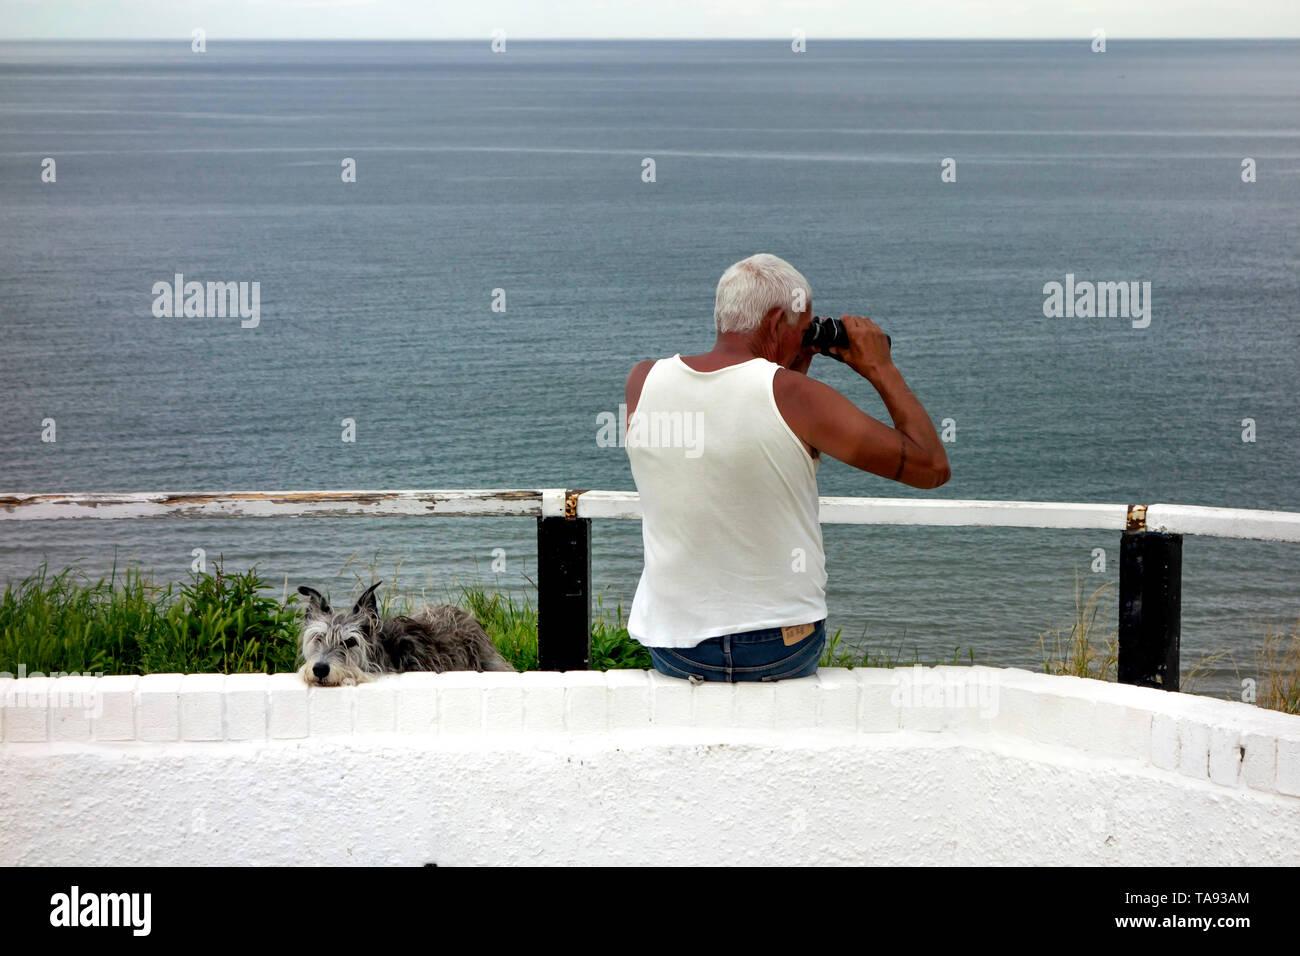 Ben costruito di mezza età uomo conciate indossando un singoletto e affacciata sul mare con un binocolo mentre il suo cane lurcher guarda a Saltburn North Yorkshire Immagini Stock